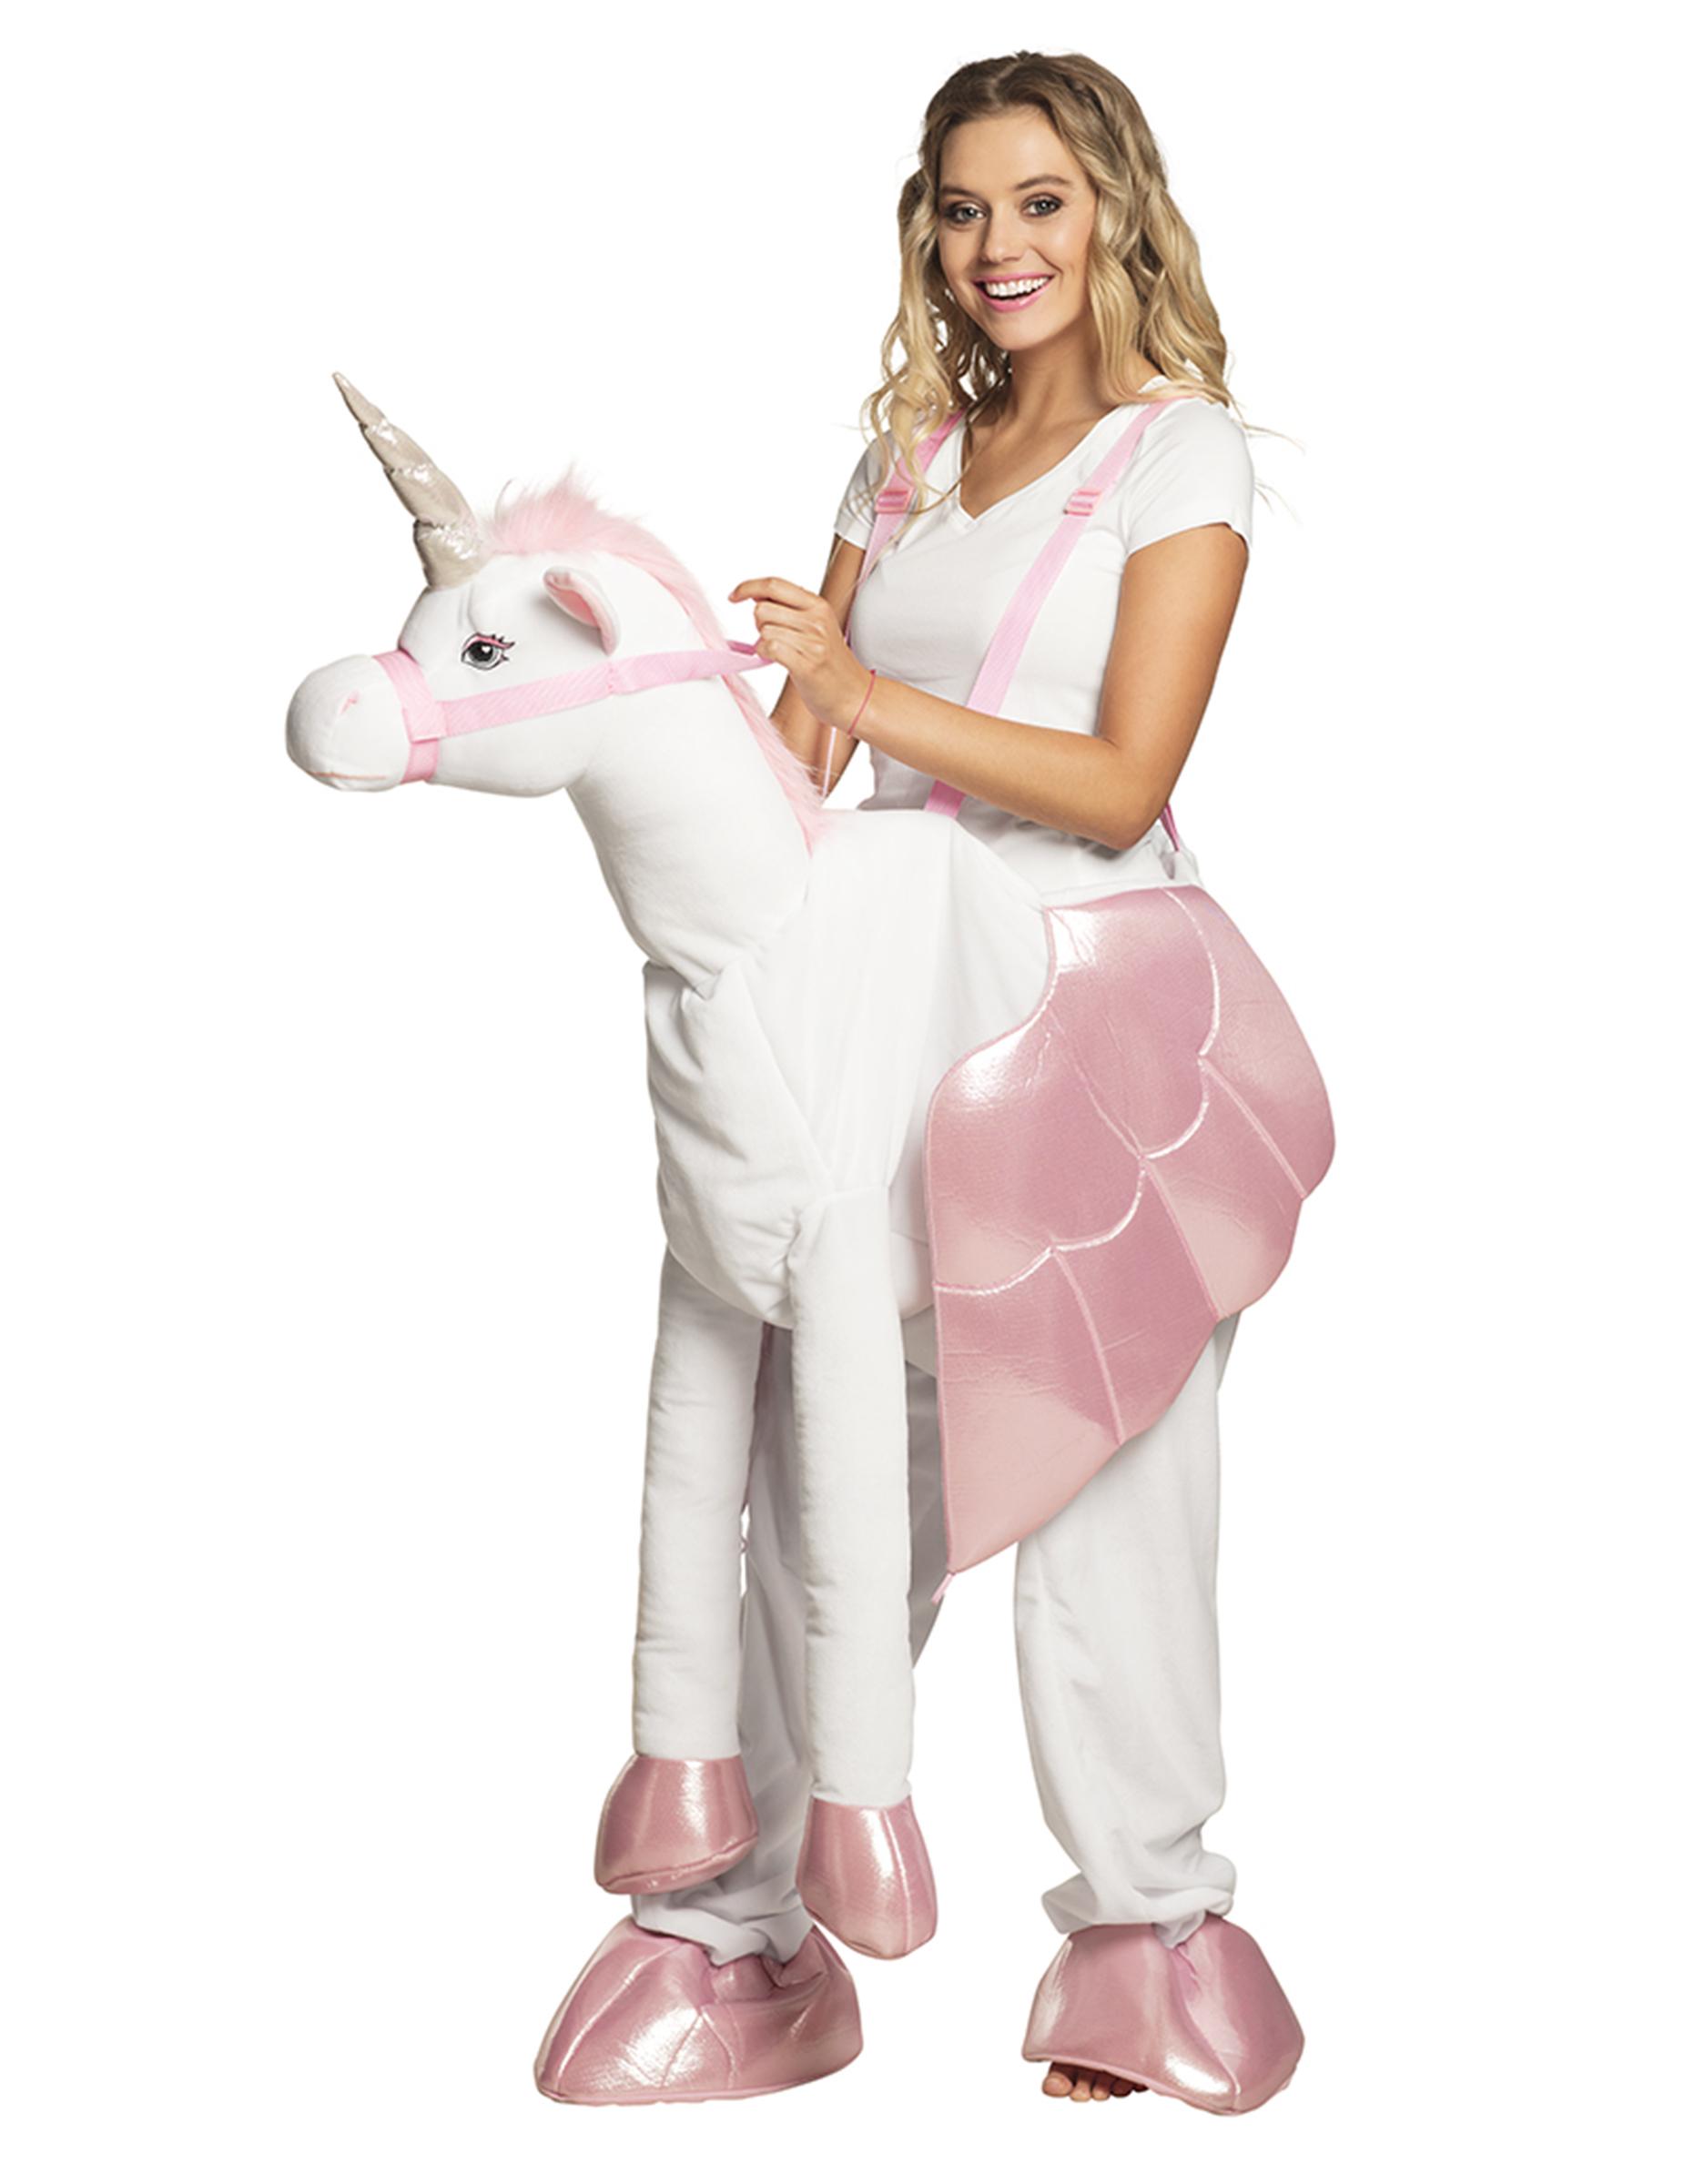 einhorn huckepack kost m f r erwachsene weiss rosa kost me f r erwachsene und g nstige. Black Bedroom Furniture Sets. Home Design Ideas